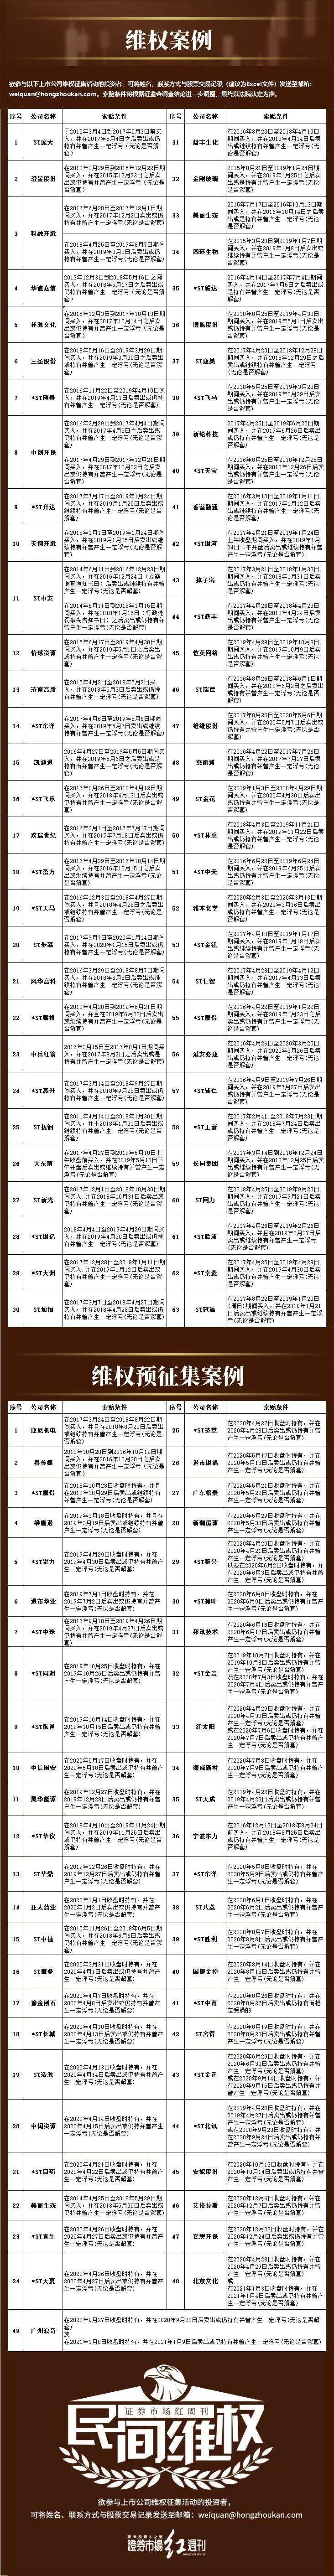 民间维权 | *ST金钰:难逃退市命运 1月21日进入退市整理期